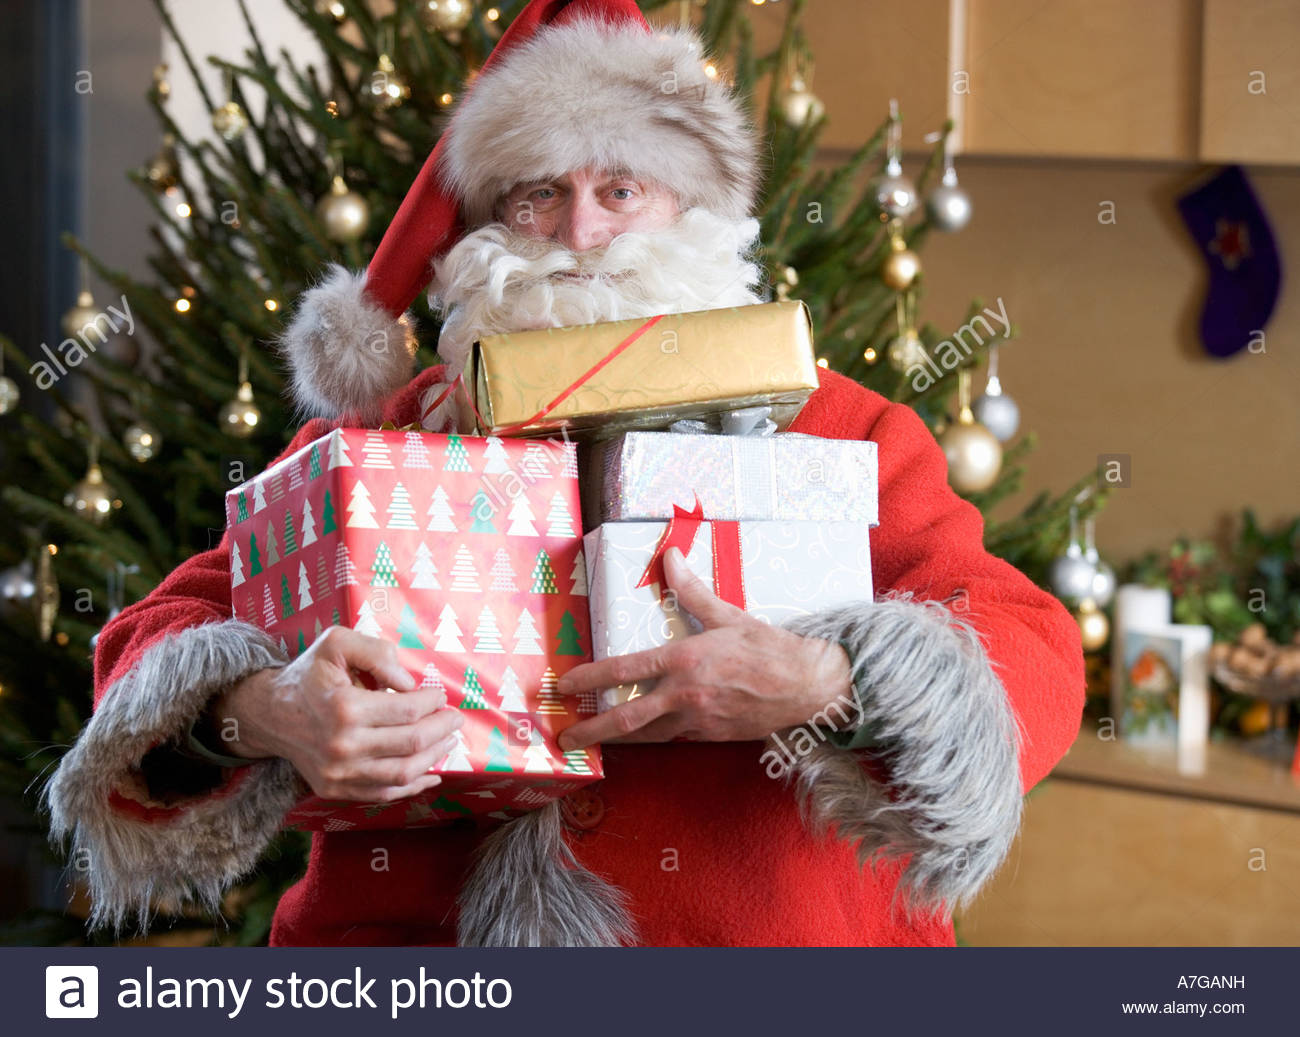 Nikolaus / Weihnachtsmann hält einen Haufen von Geschenken Stockbild